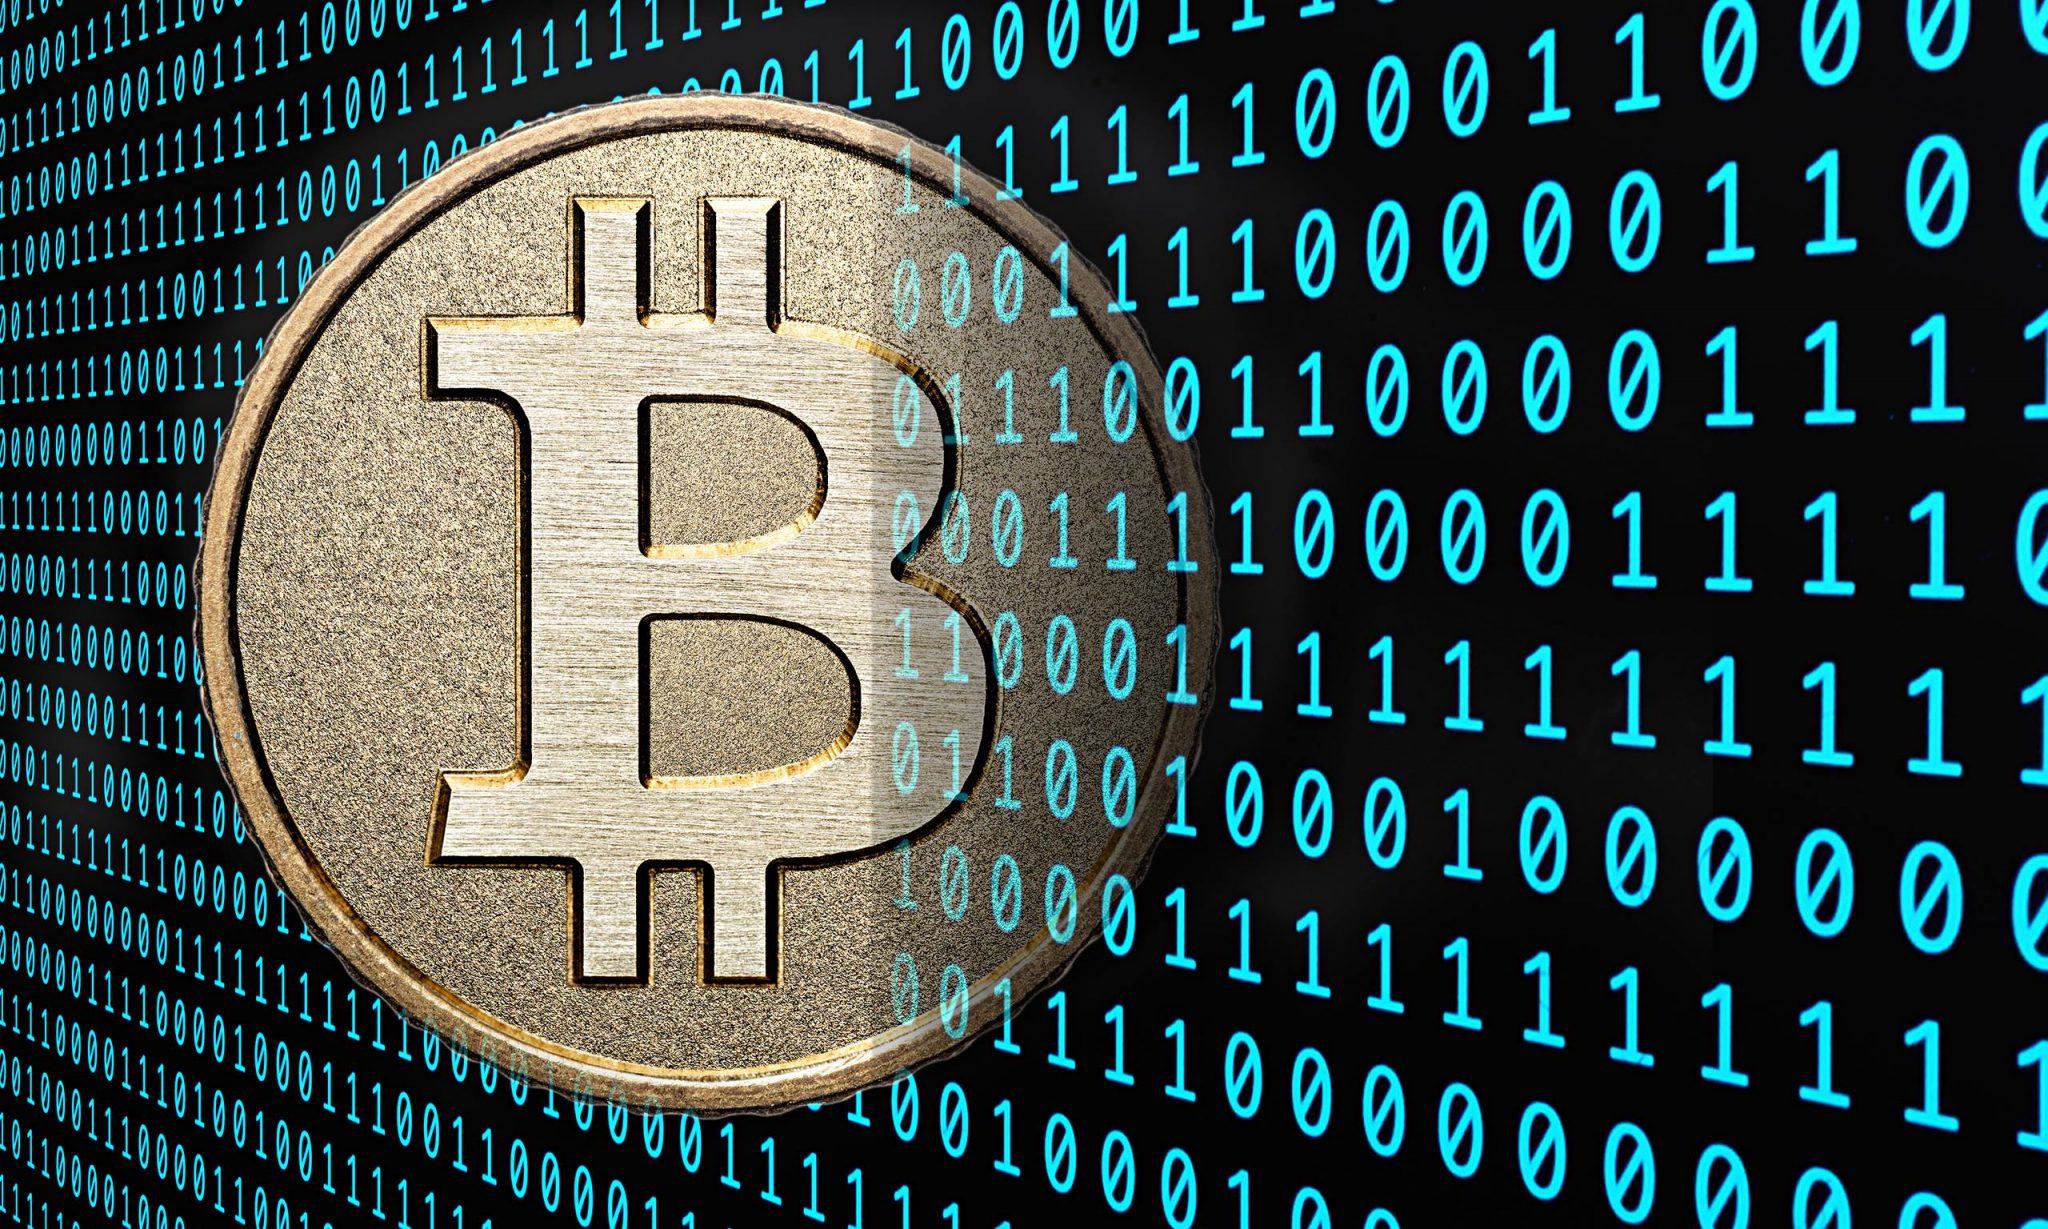 Criptomoeda BitCoin